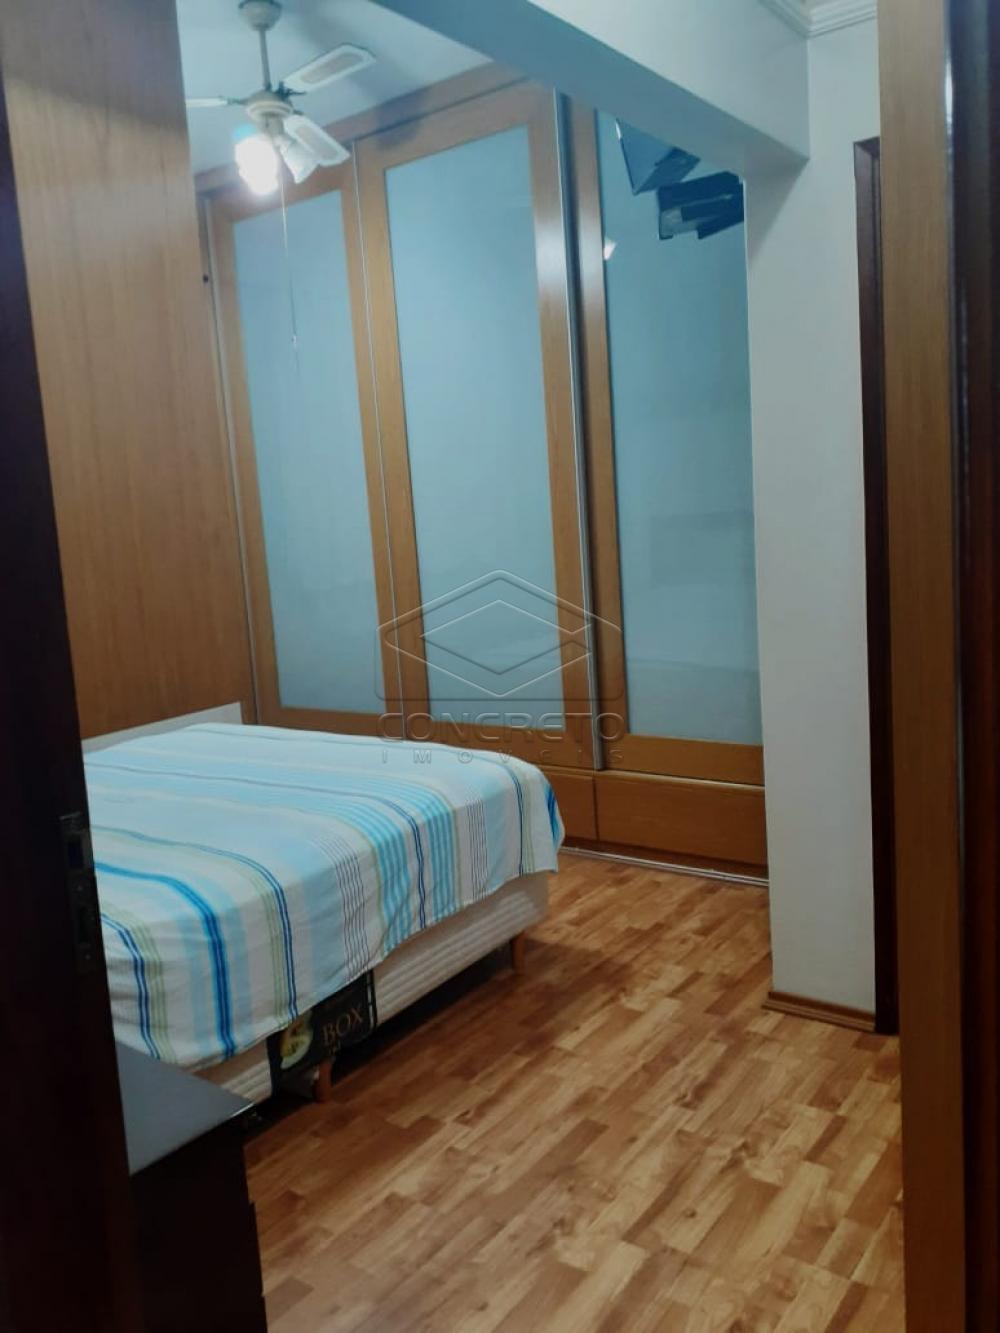 Comprar Apartamento / Padrão em Bauru apenas R$ 450.000,00 - Foto 12